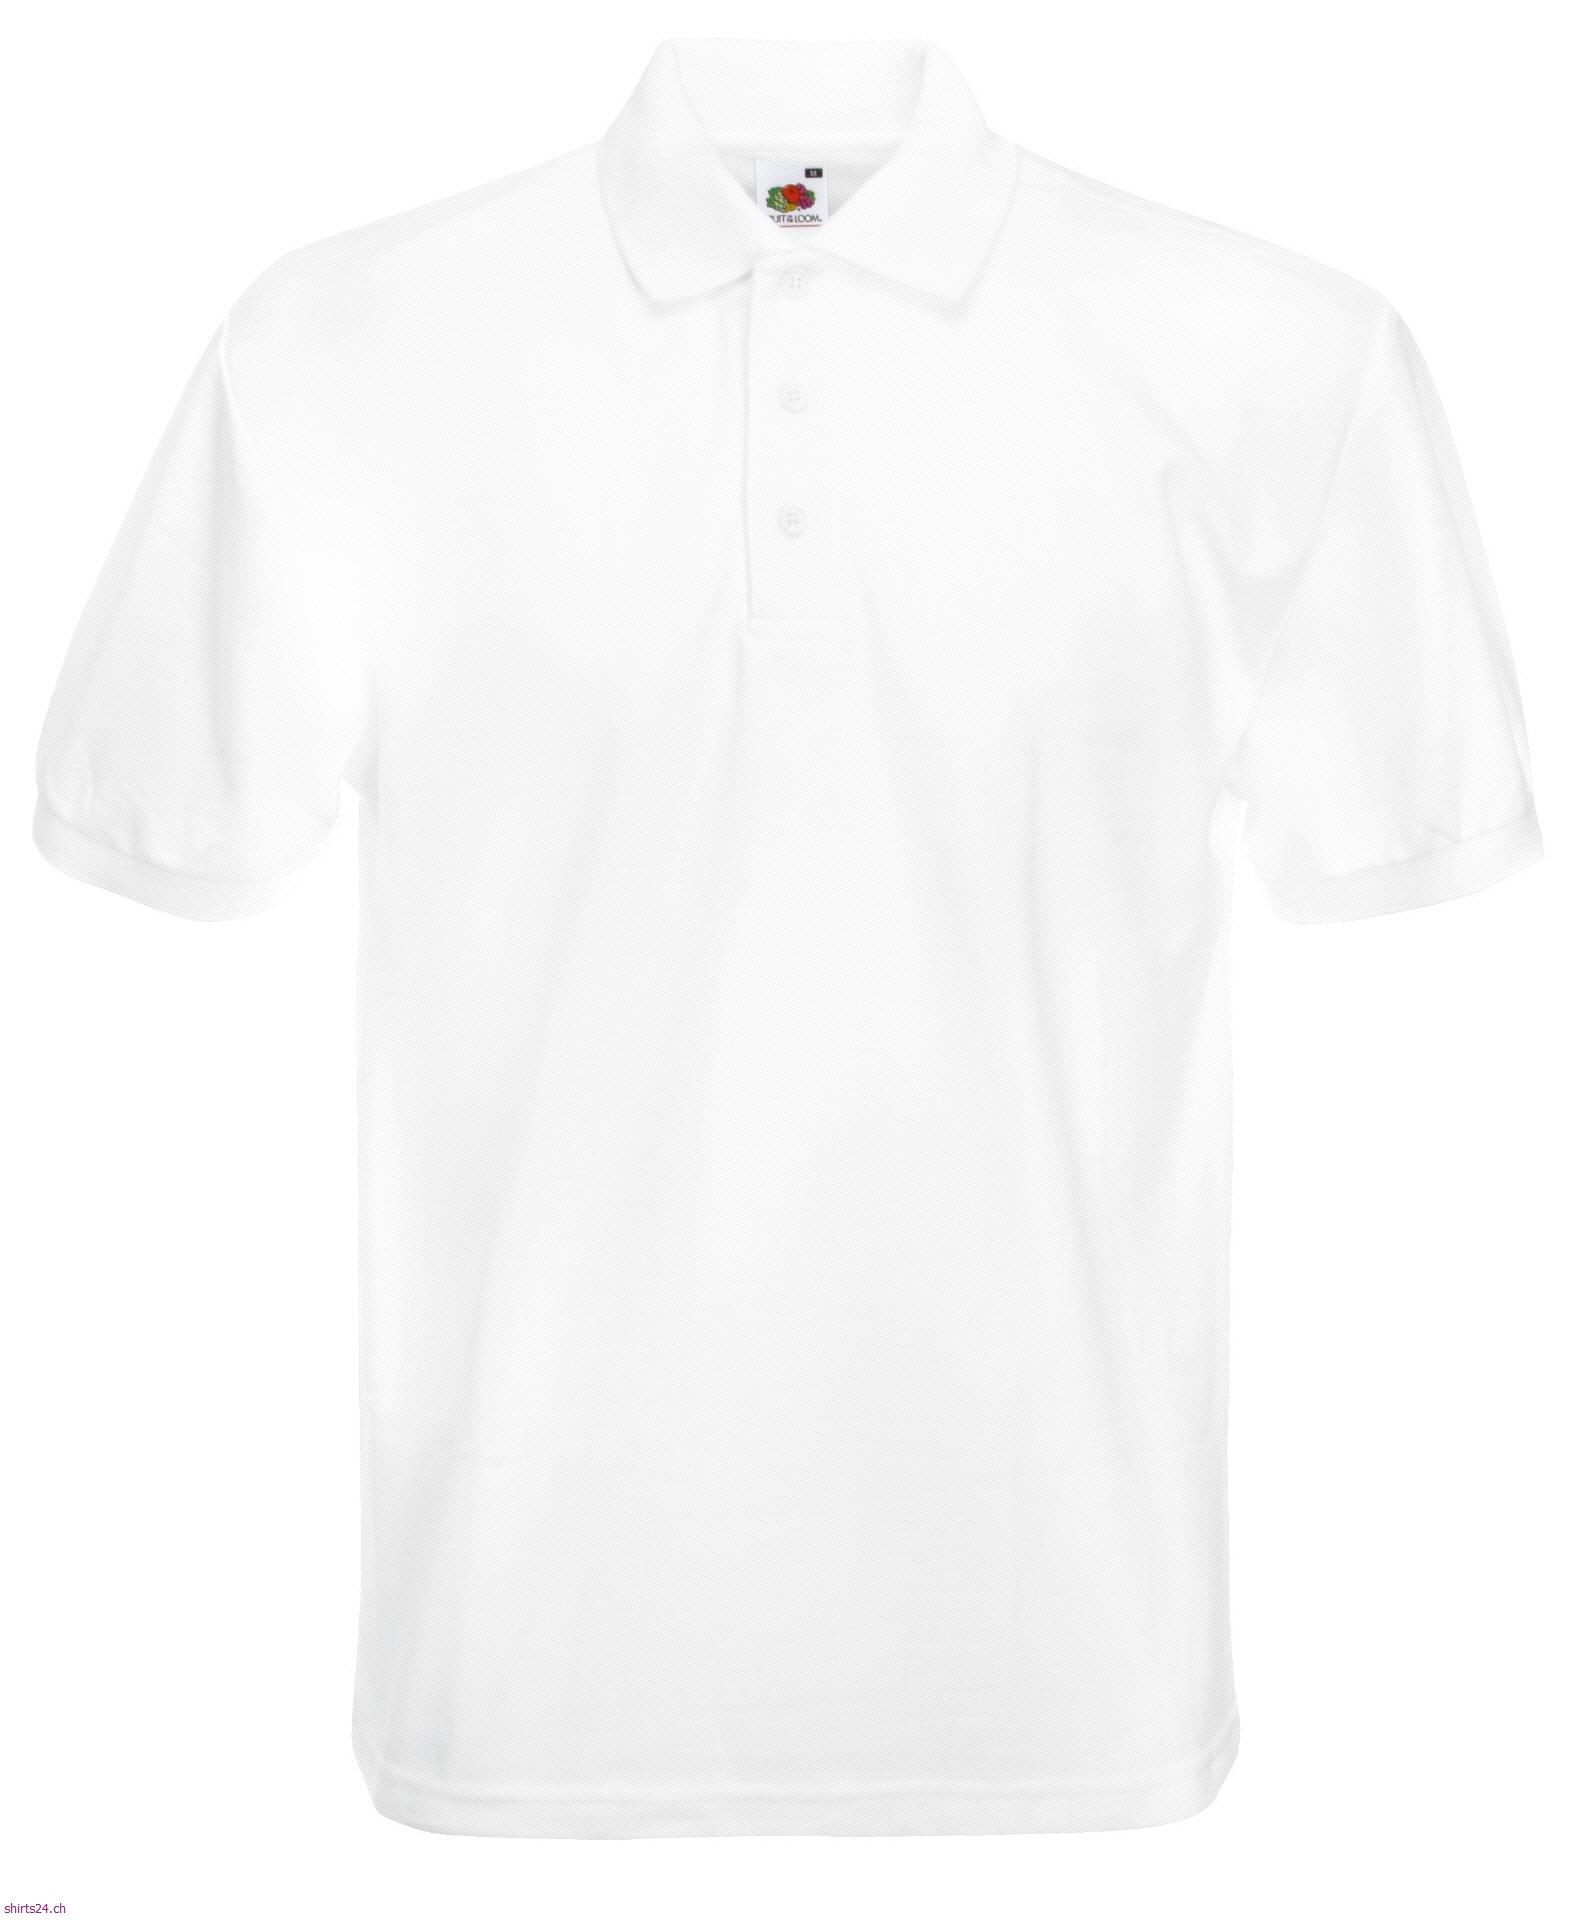 new styles 278d2 68854 shirts24.ch für günstige Shirts Blusen Hemden Fleece ...